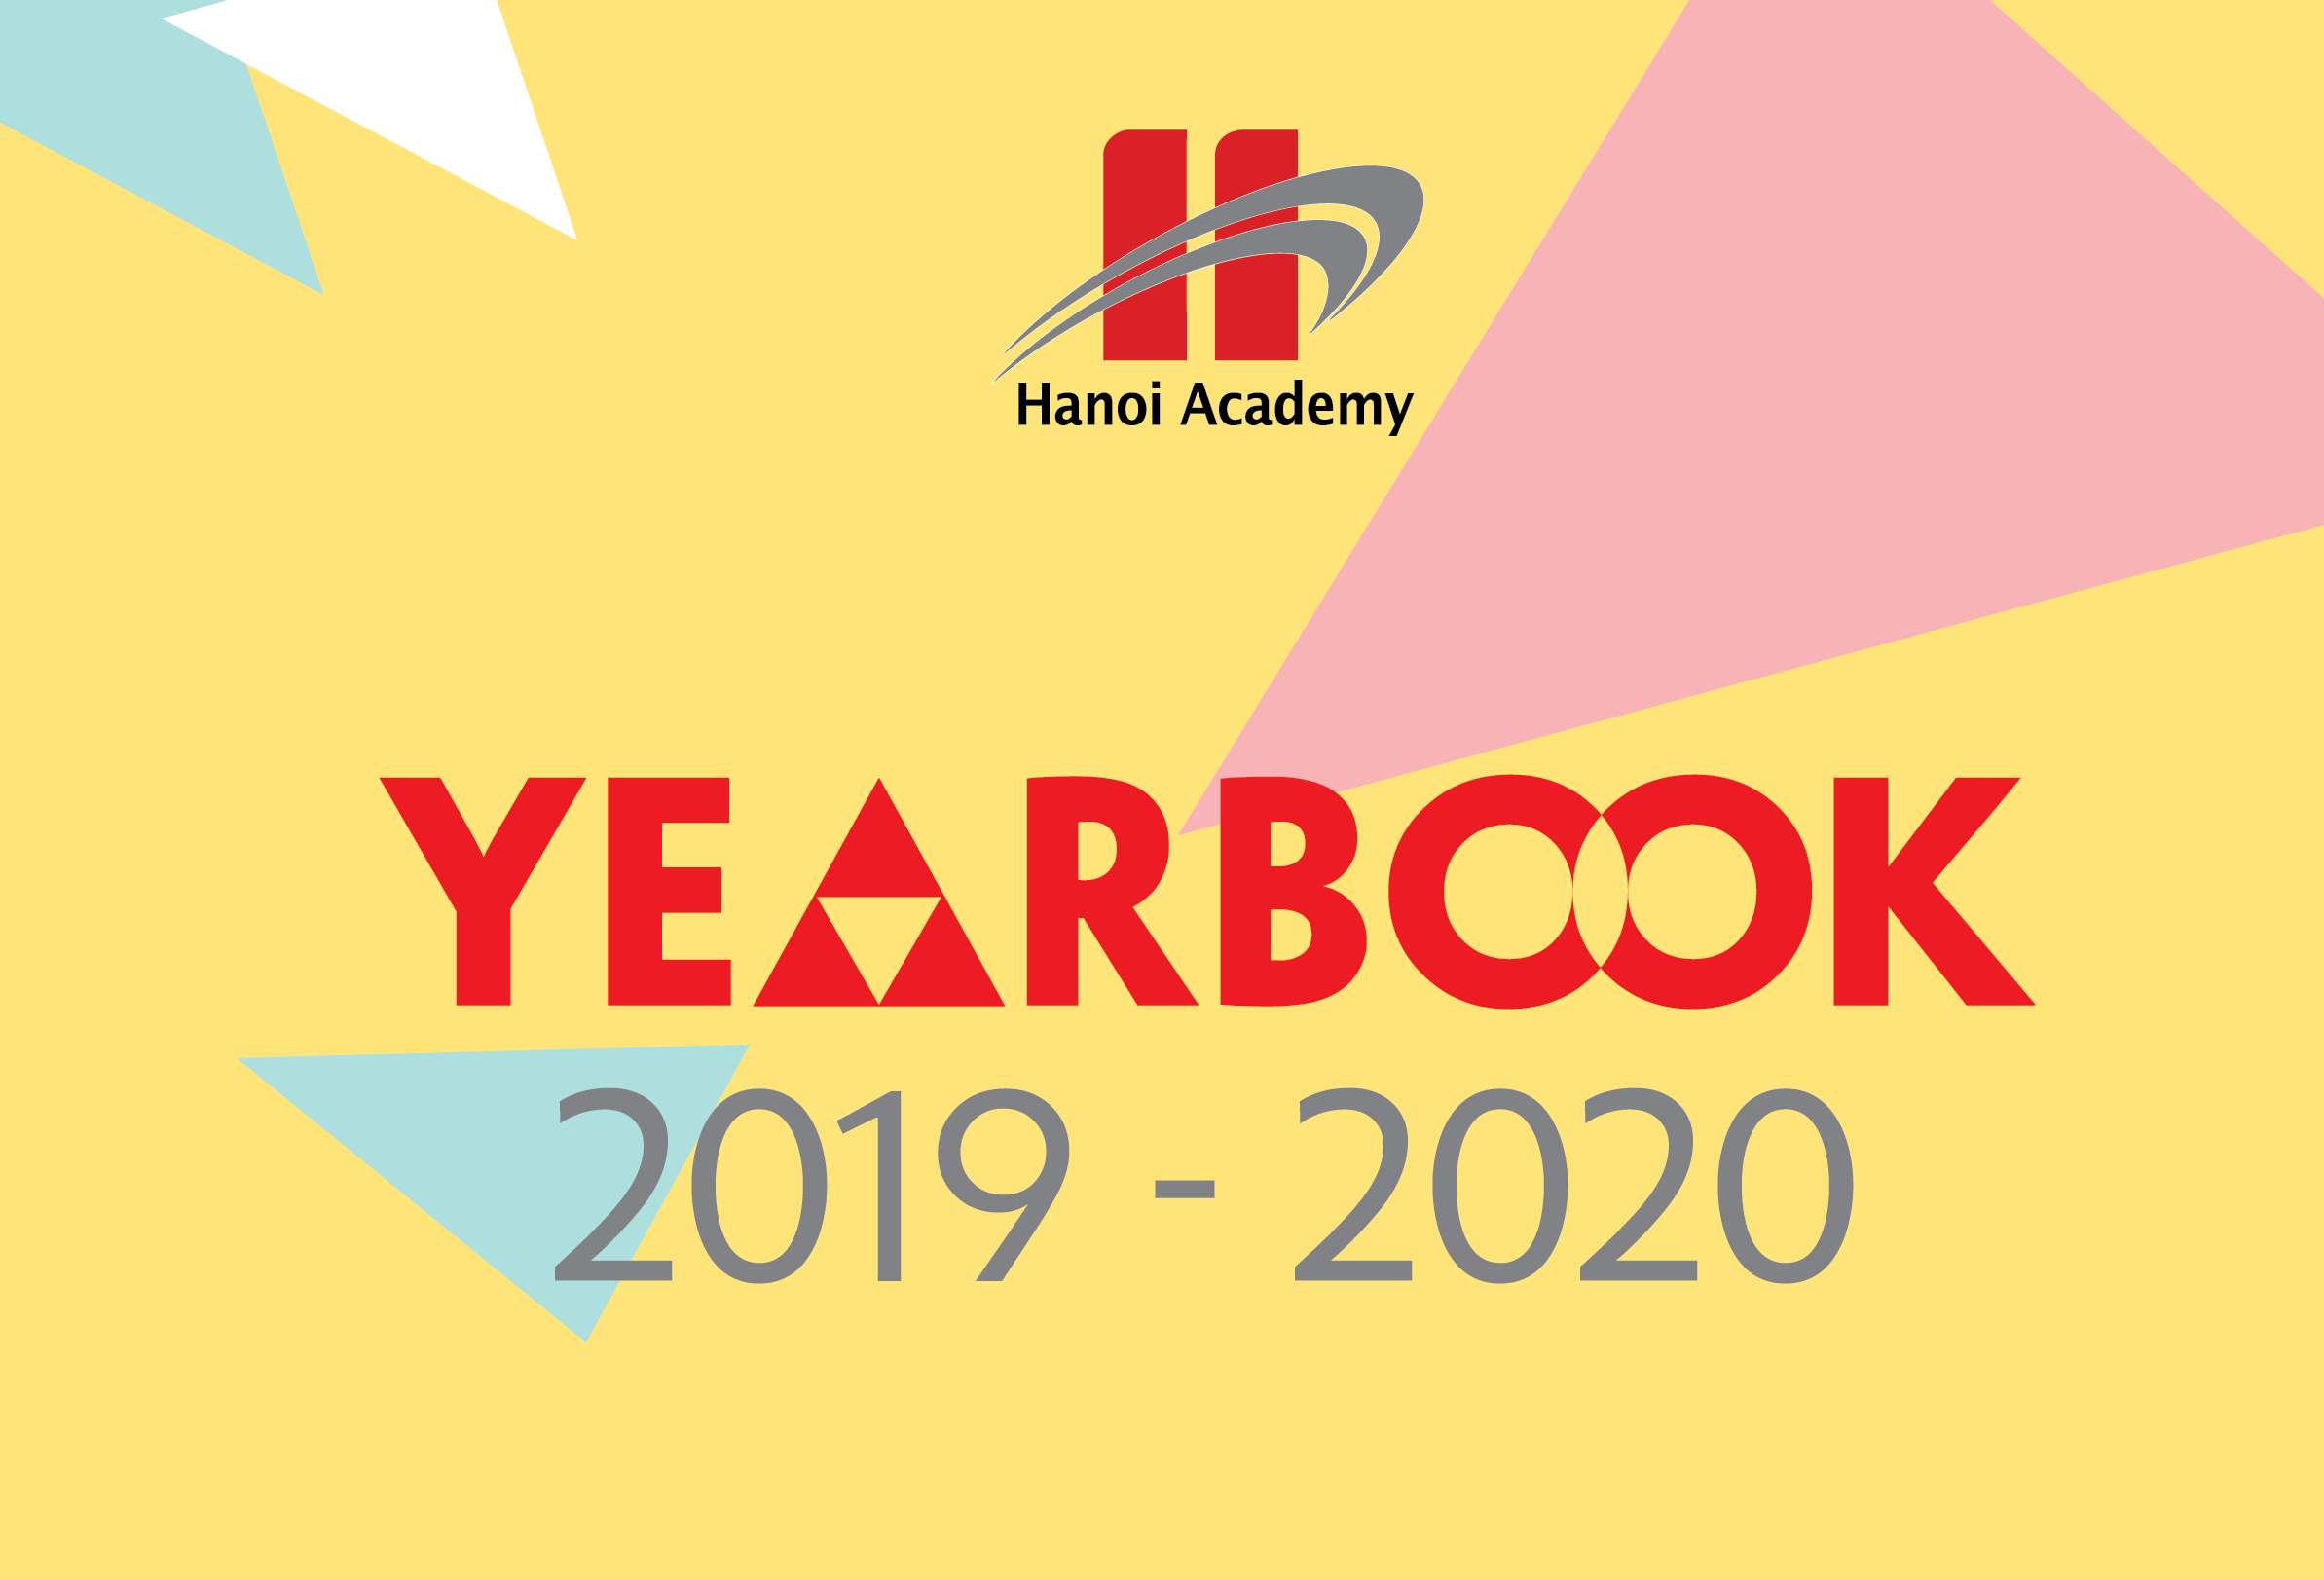 Hanoi Academy Yearbook 2019-2020 Trang chủ